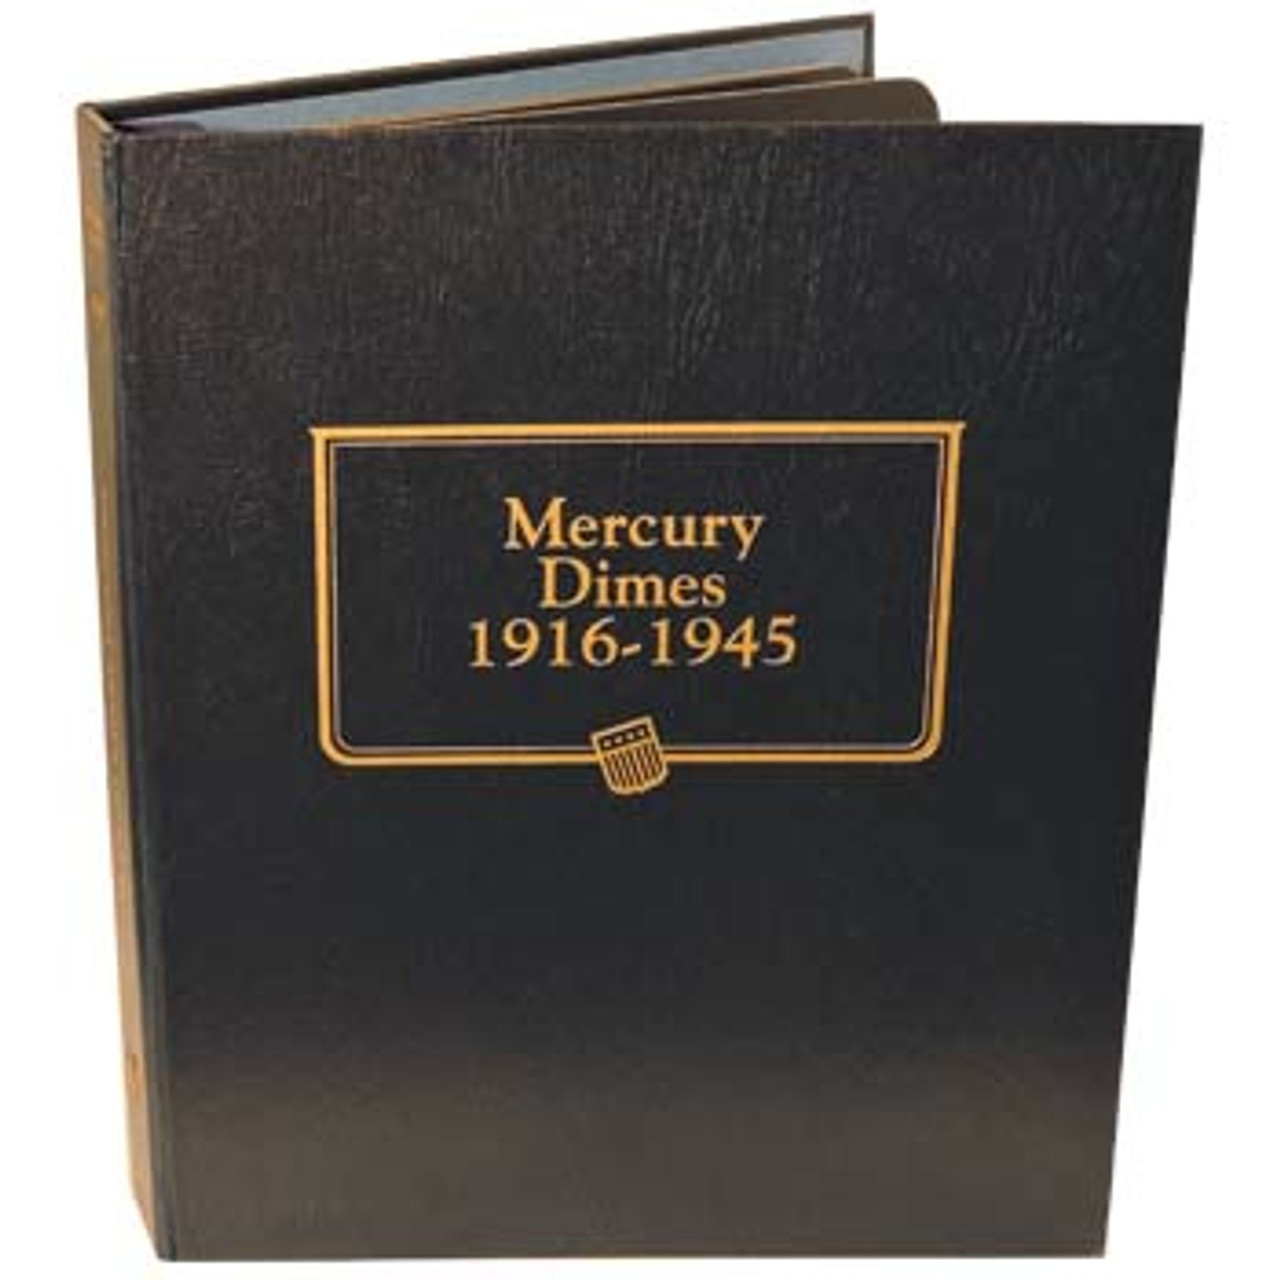 Deluxe 1916-1945 Mercury Dime Album Image 1